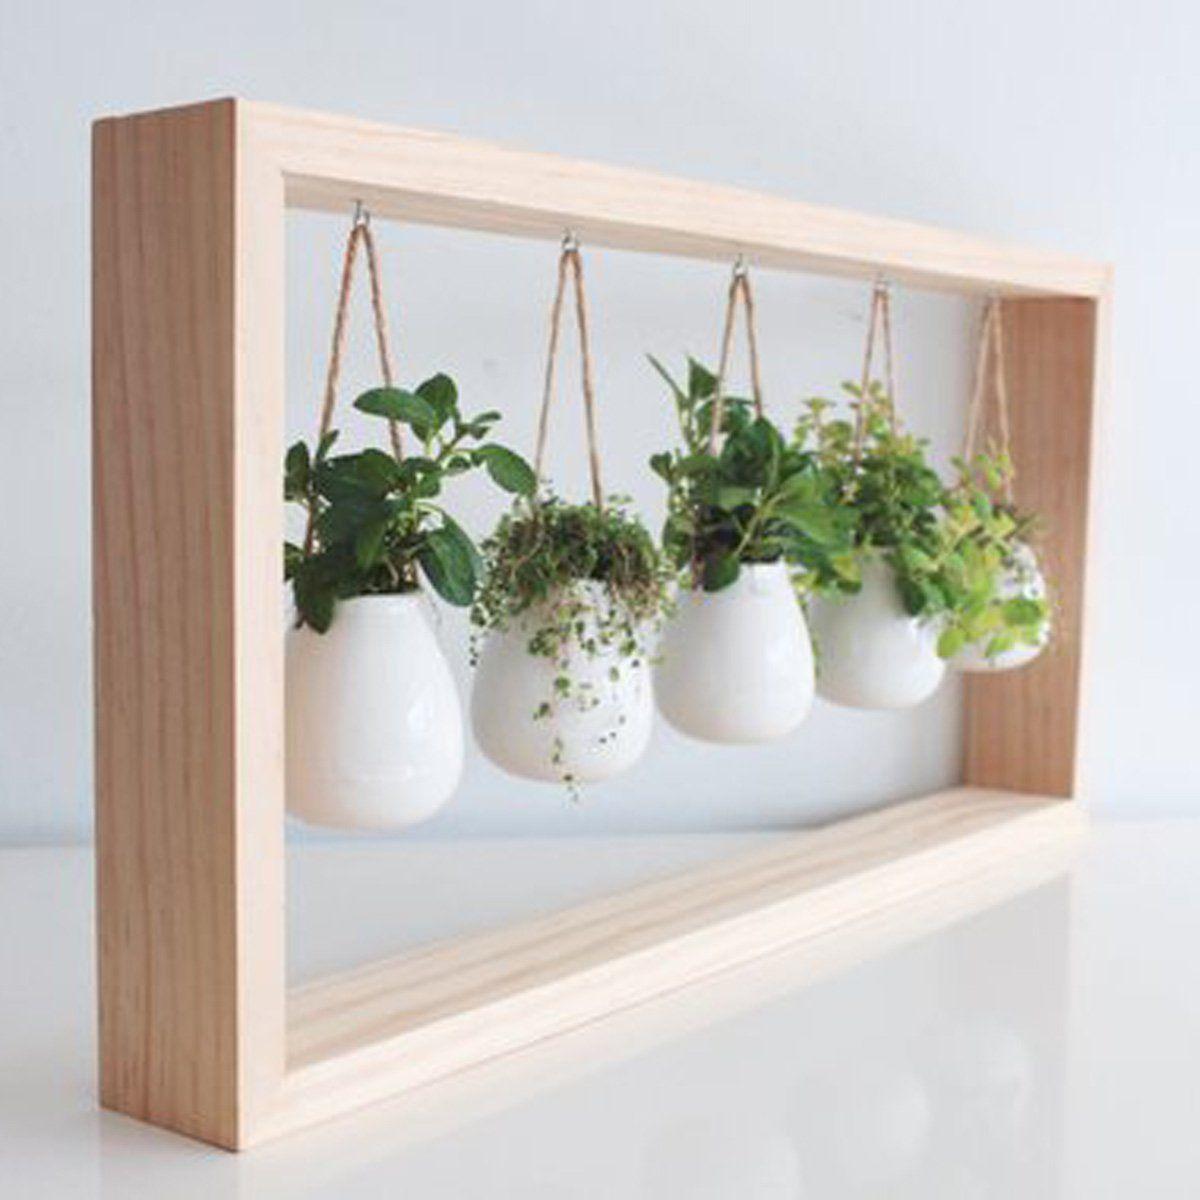 10 Charming Indoor Herb Garden Planters